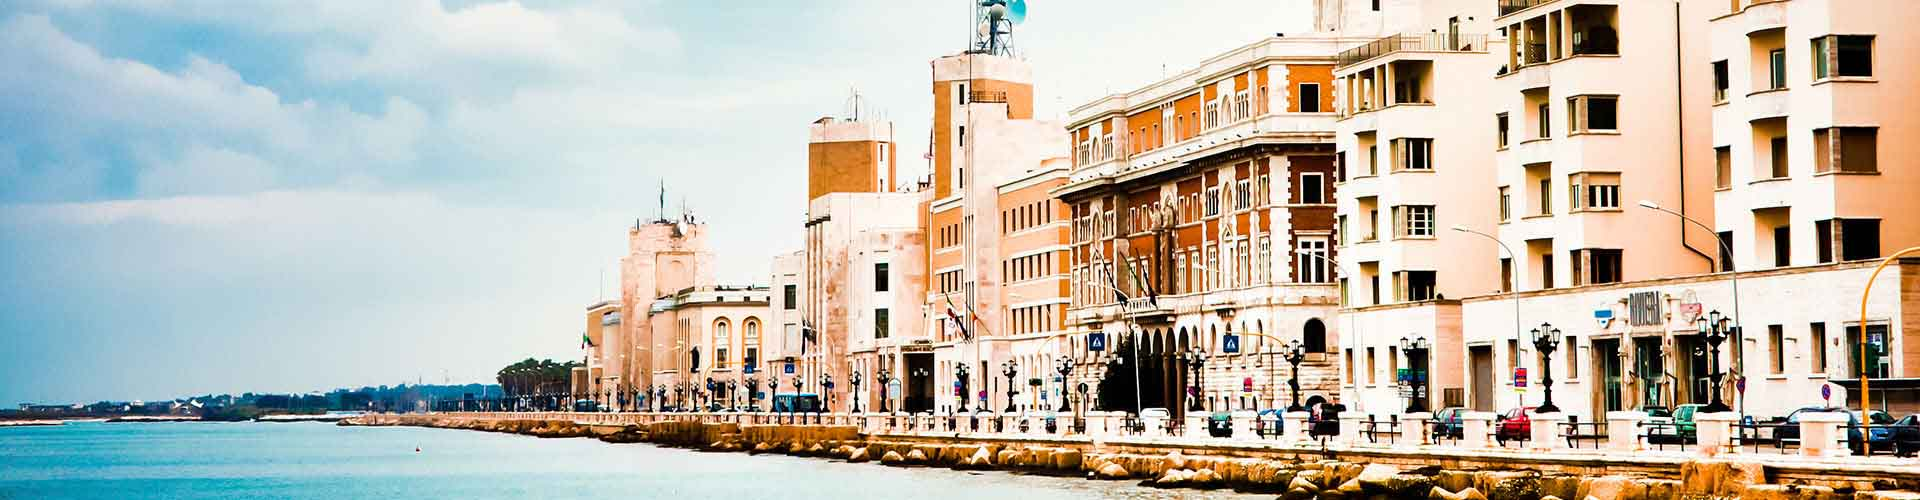 Bari - Appartments à Bari. Cartes pour Bari, photos et commentaires pour chaque appartement à Bari.